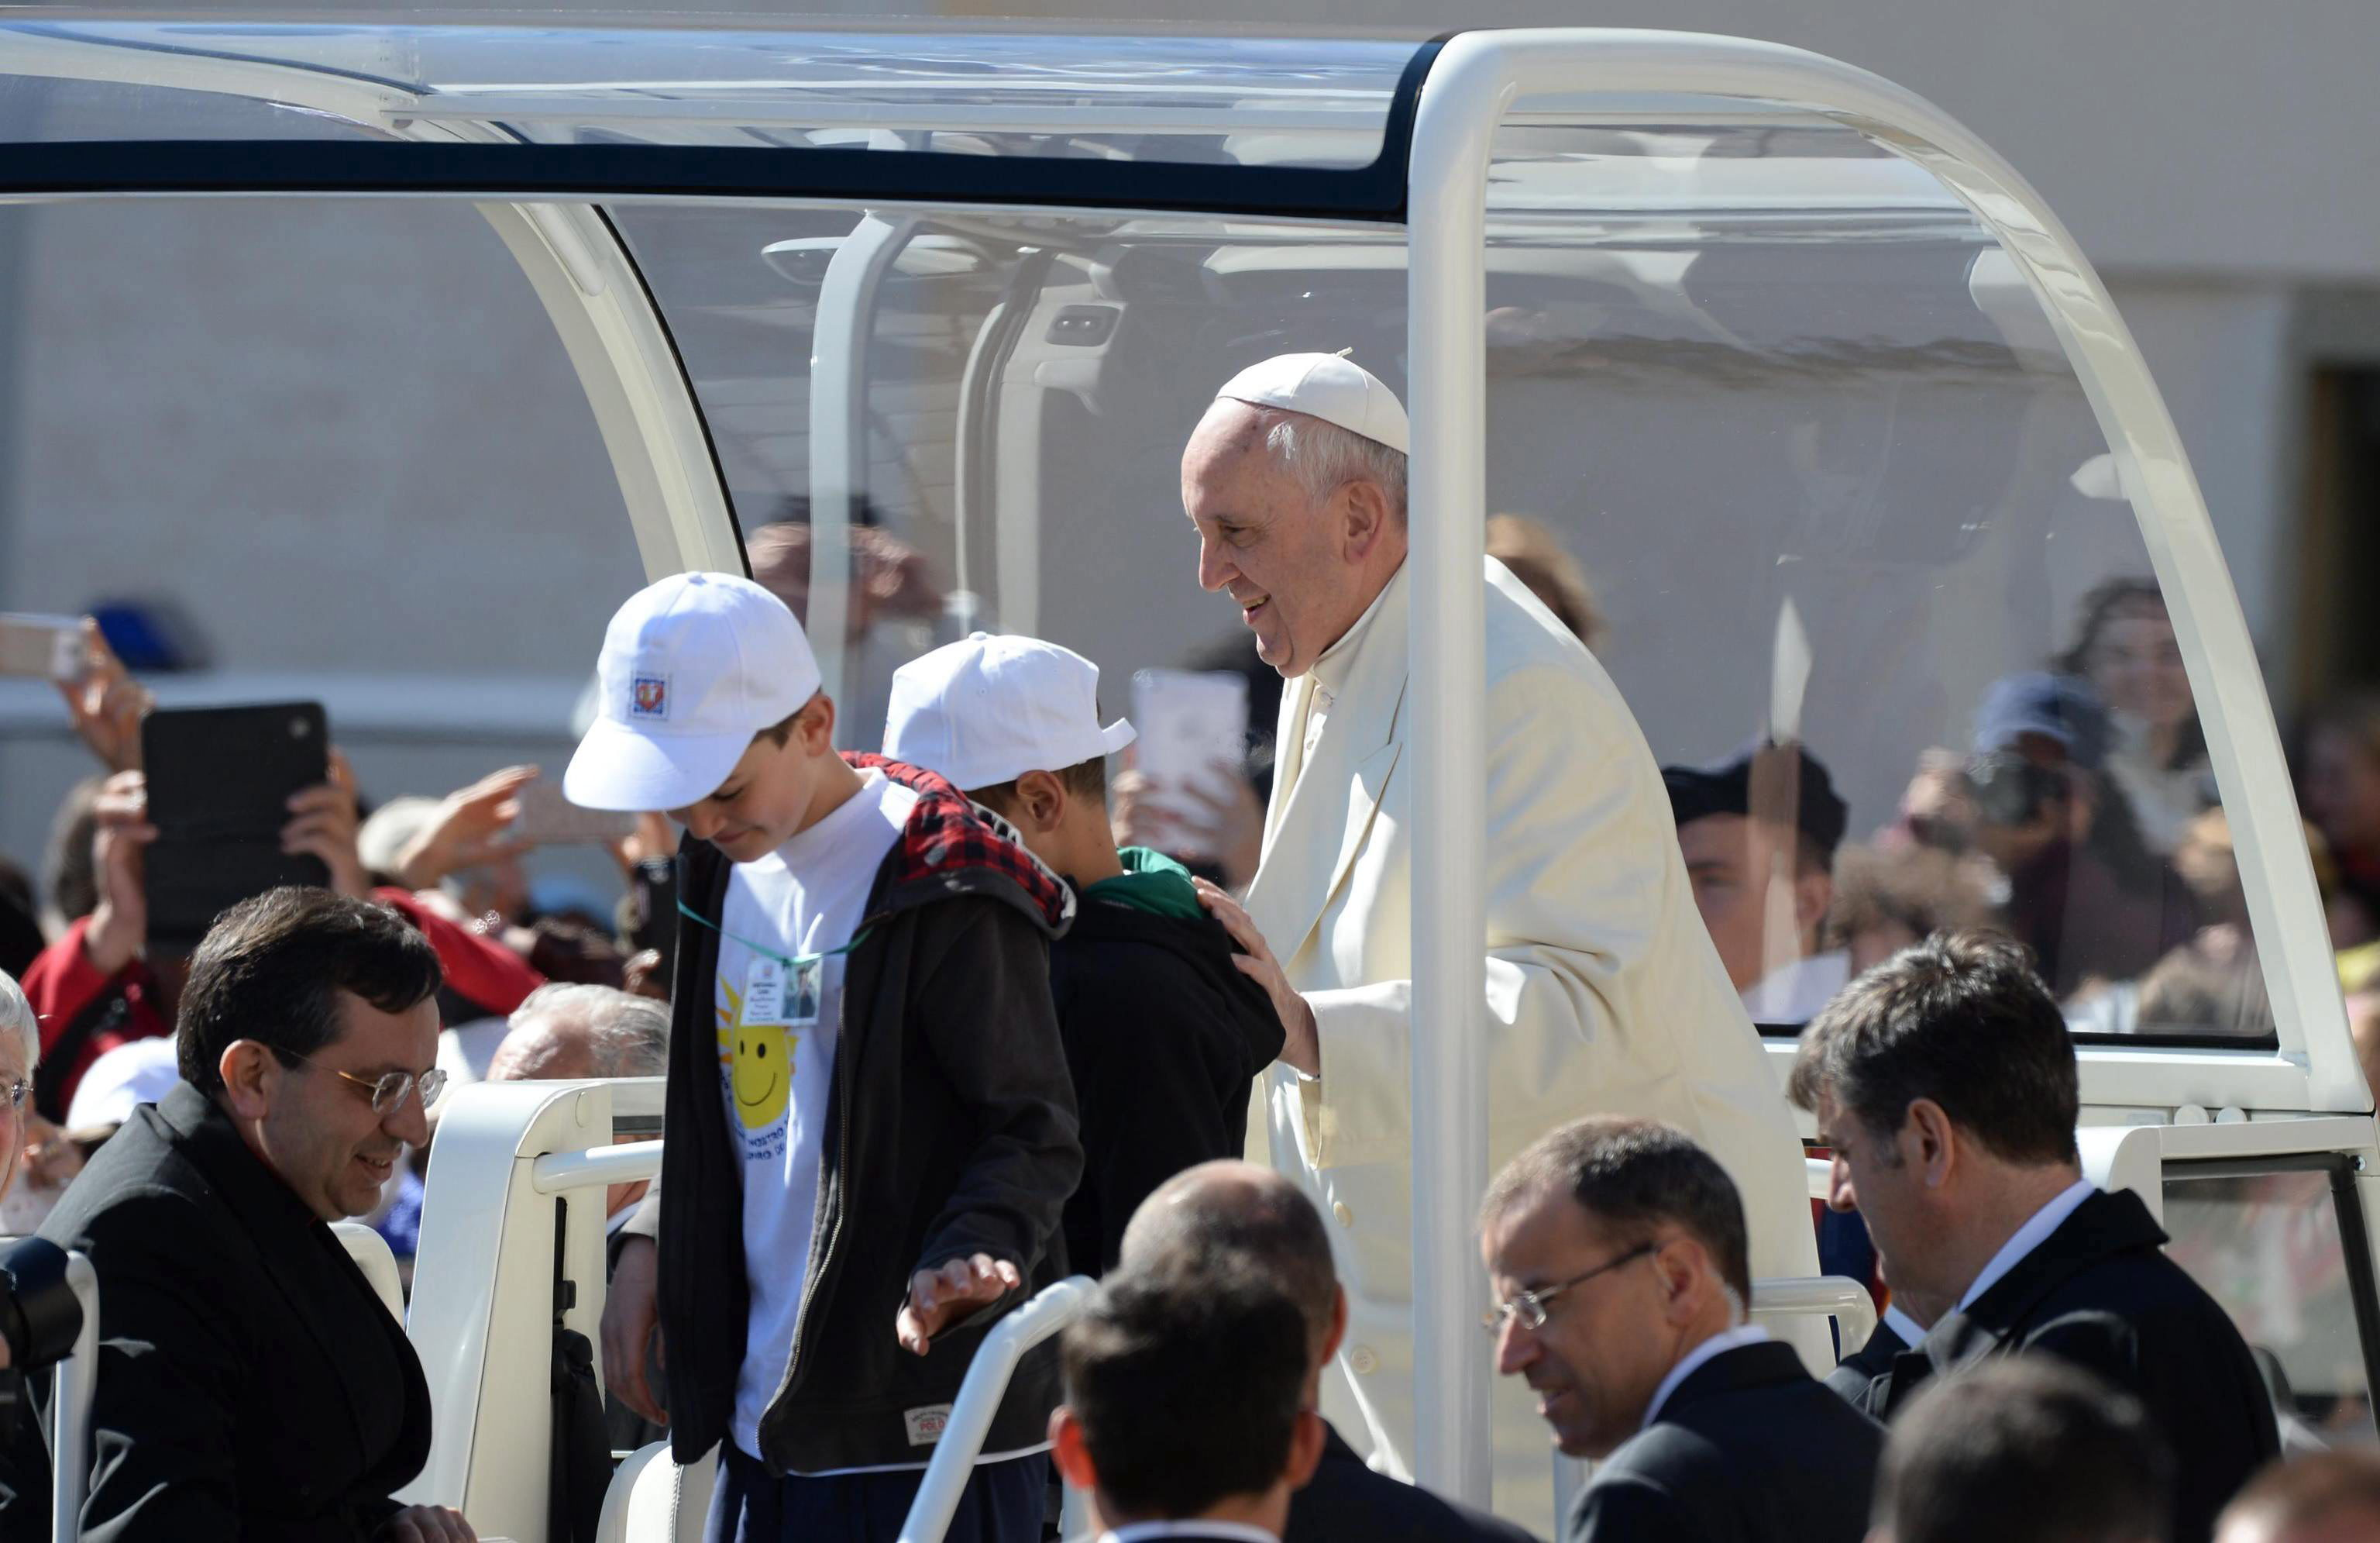 La homilía completa del Papa Francisco en la vigilia de Pascua en el Vaticano